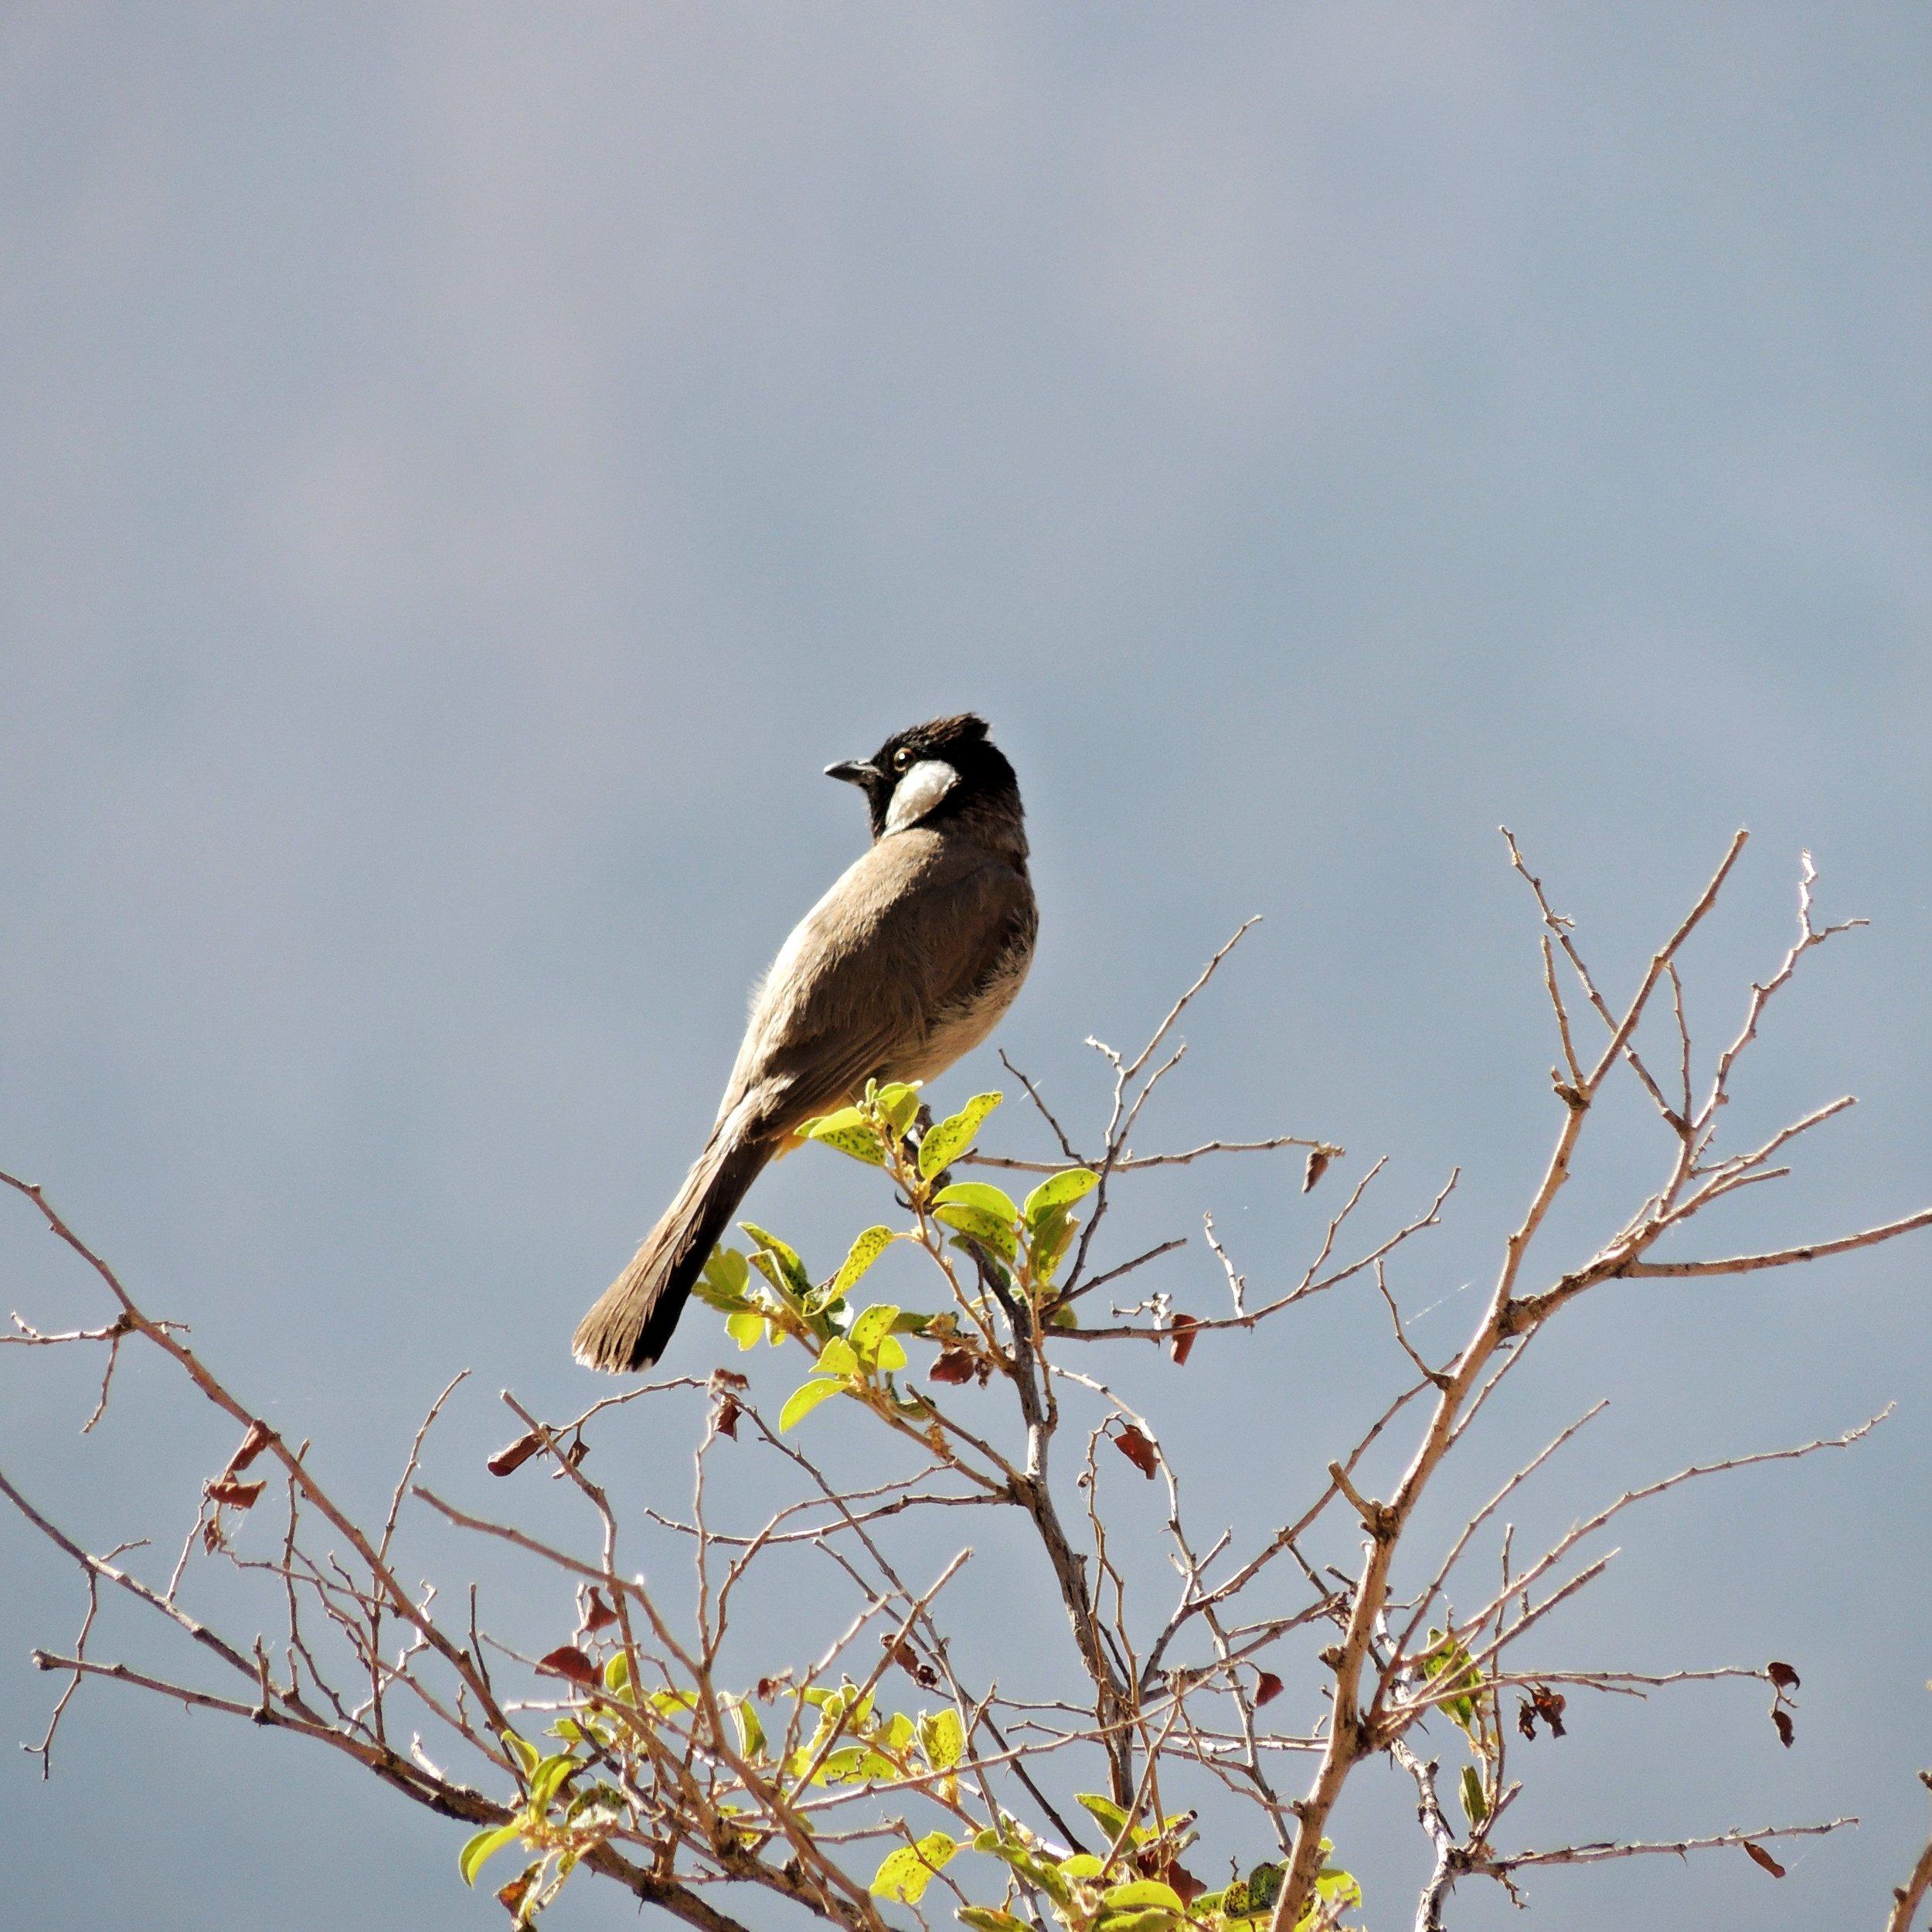 På vägen uppför berget såg vid både fåglar...